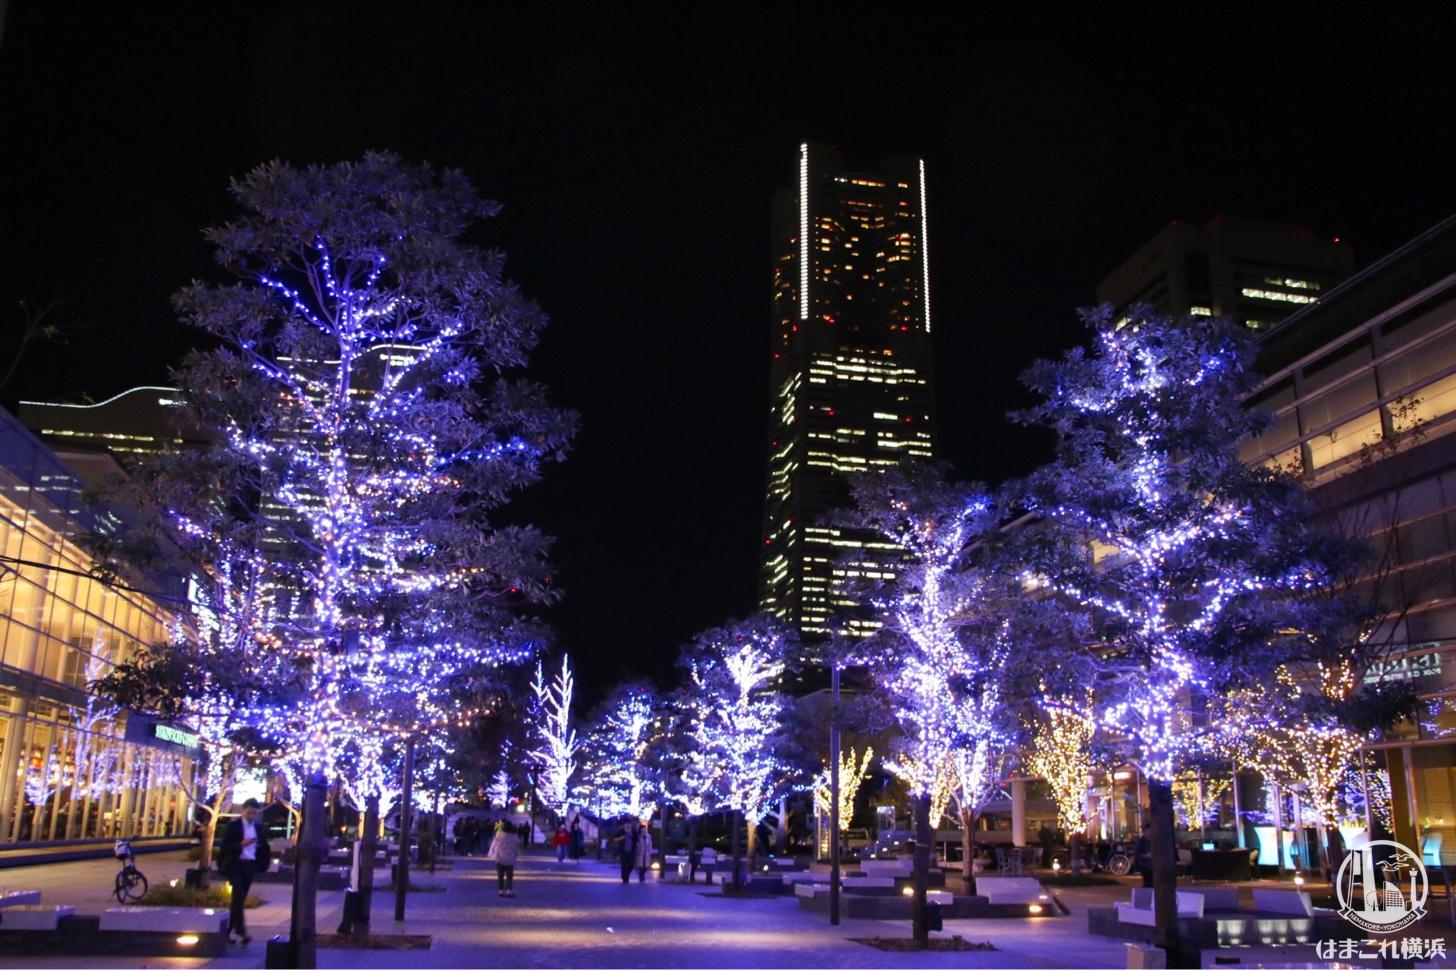 ら横浜ランドマークタワー夜景とヨコハマミライト